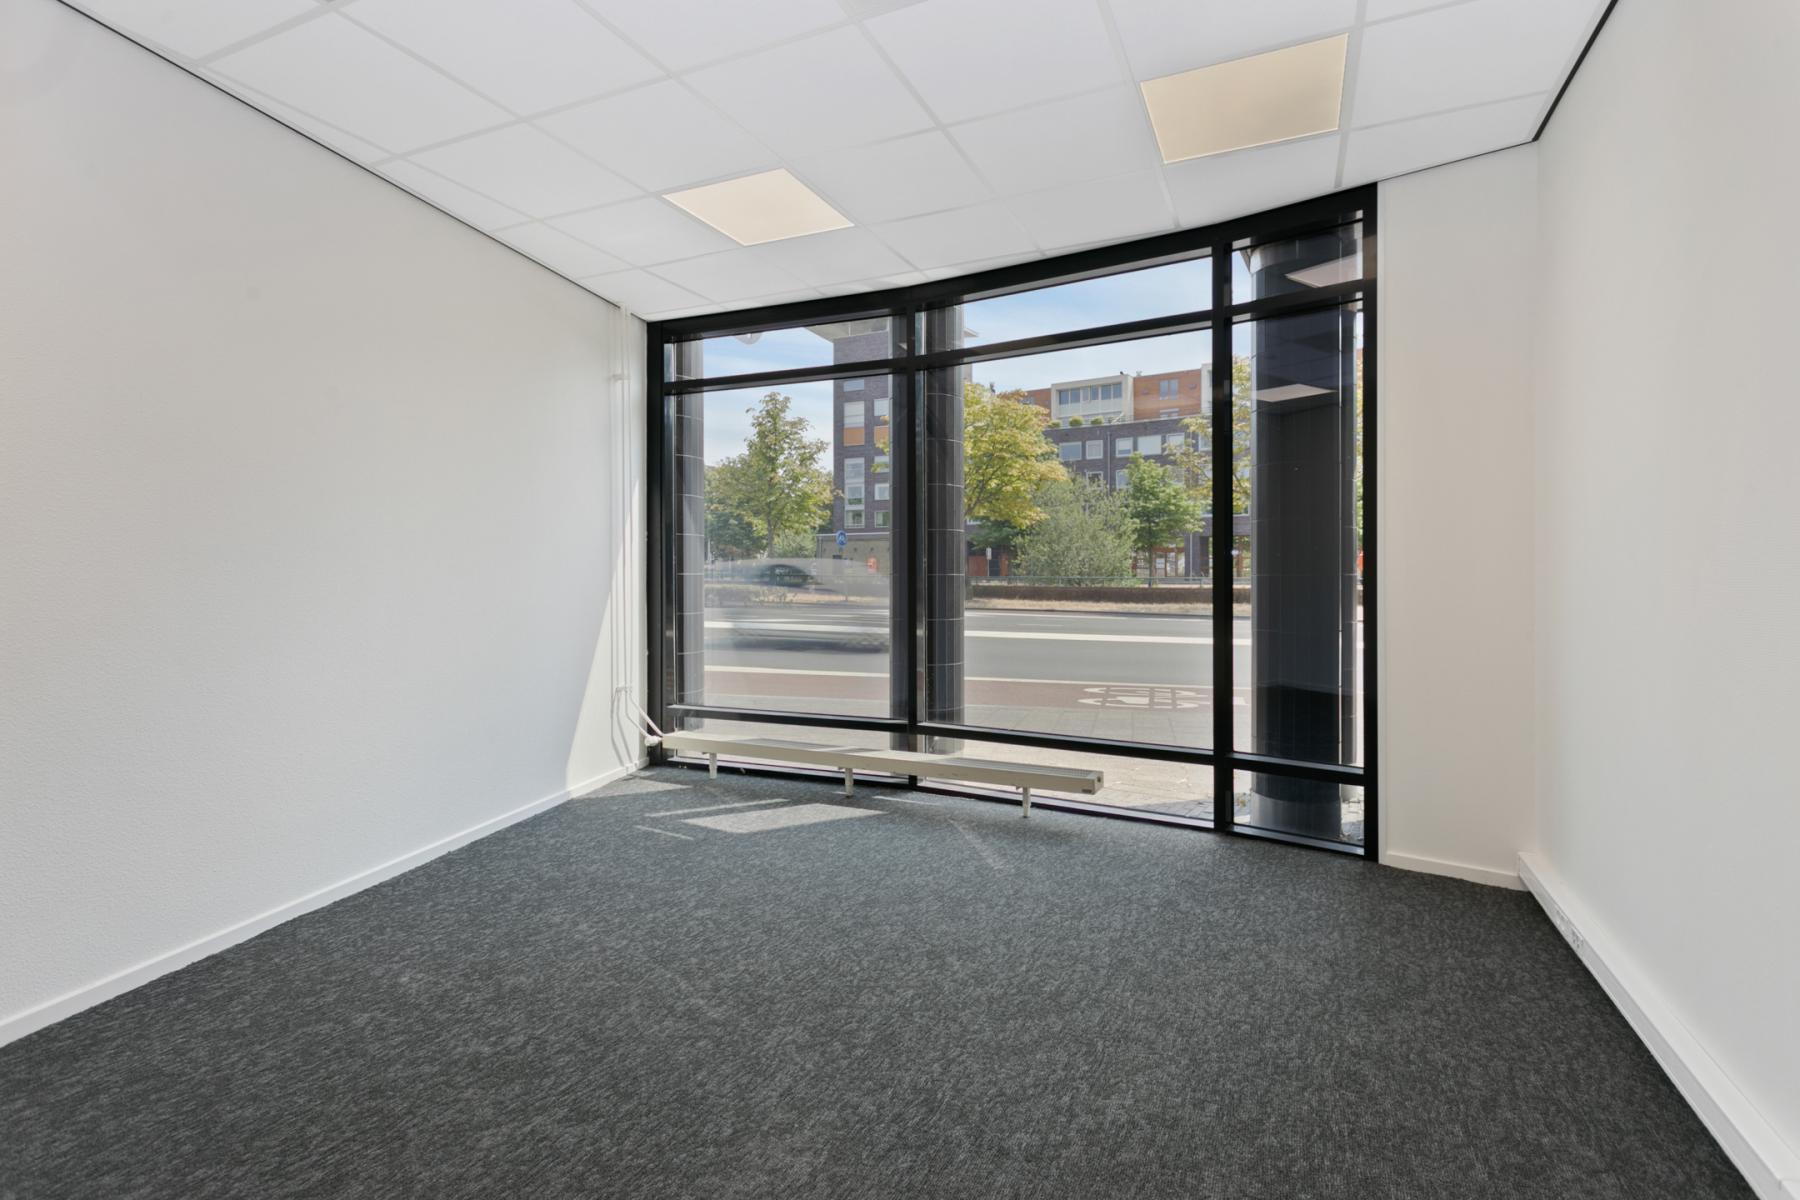 Rent office space Tramsingel 1-6, Breda (2)